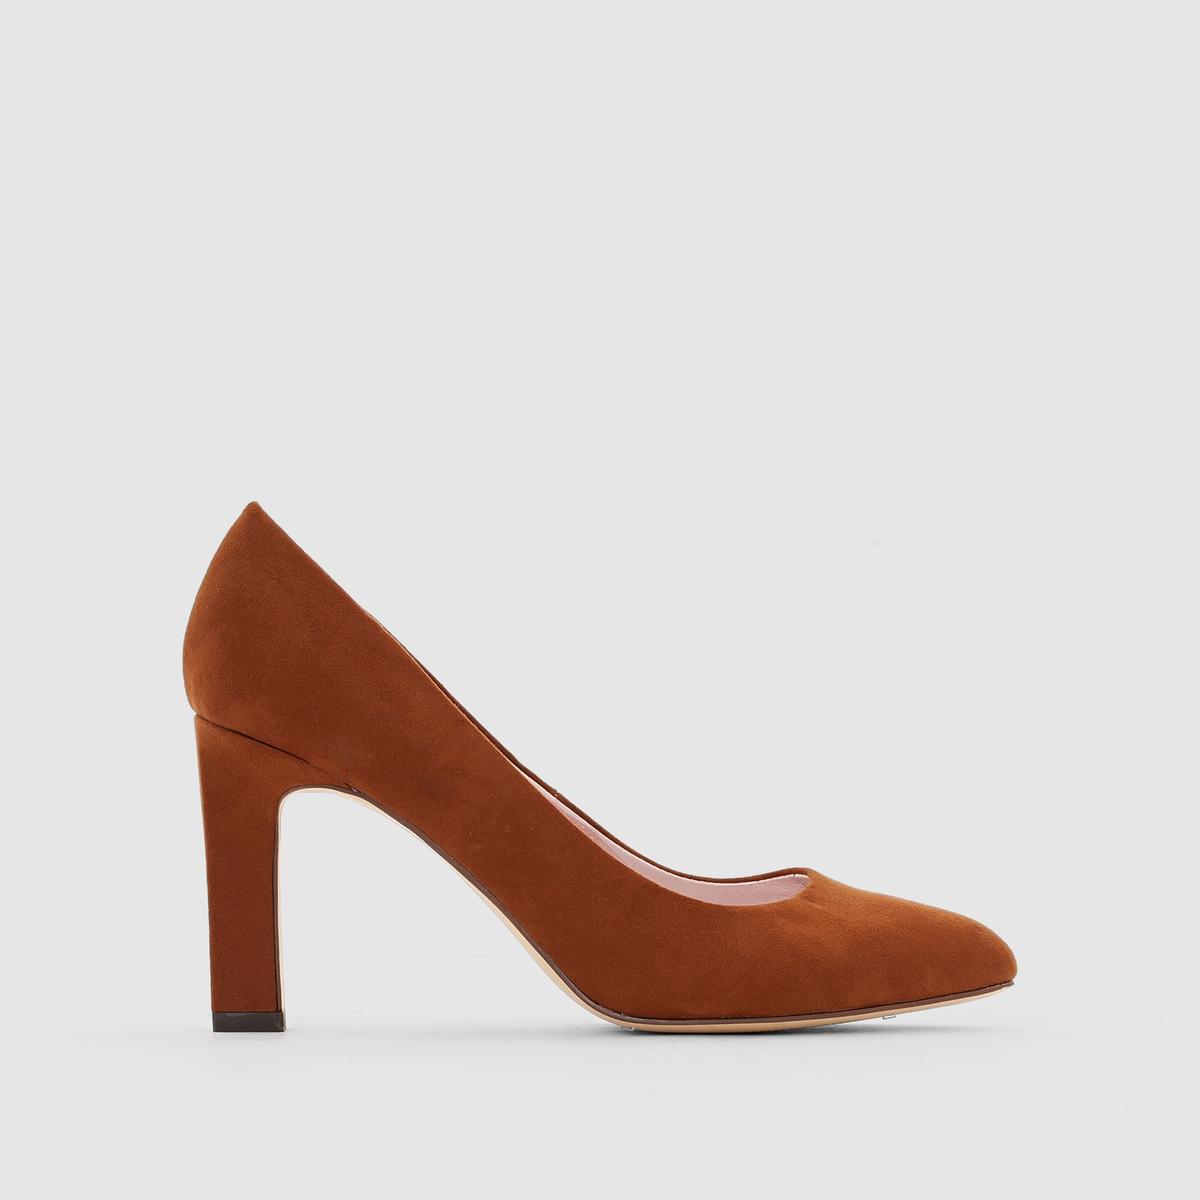 Туфли из искусственной замши на квадратном каблукеВерх : искусственная замша     Подкладка : кожа     Стелька : кожа     Подошва : эластомер     Высота каблука : 9 см     Форма каблука : квадратный  Мысок : заостренный     Преимущества : классические туфли, изящные и очень женственные.               Эта модель маломерит. Мы рекомендуем Вам заказывать модель на один размер больше Вашего обычного размера.<br><br>Цвет: серый,темно-бежевый<br>Размер: 36.37.38.39.37.39